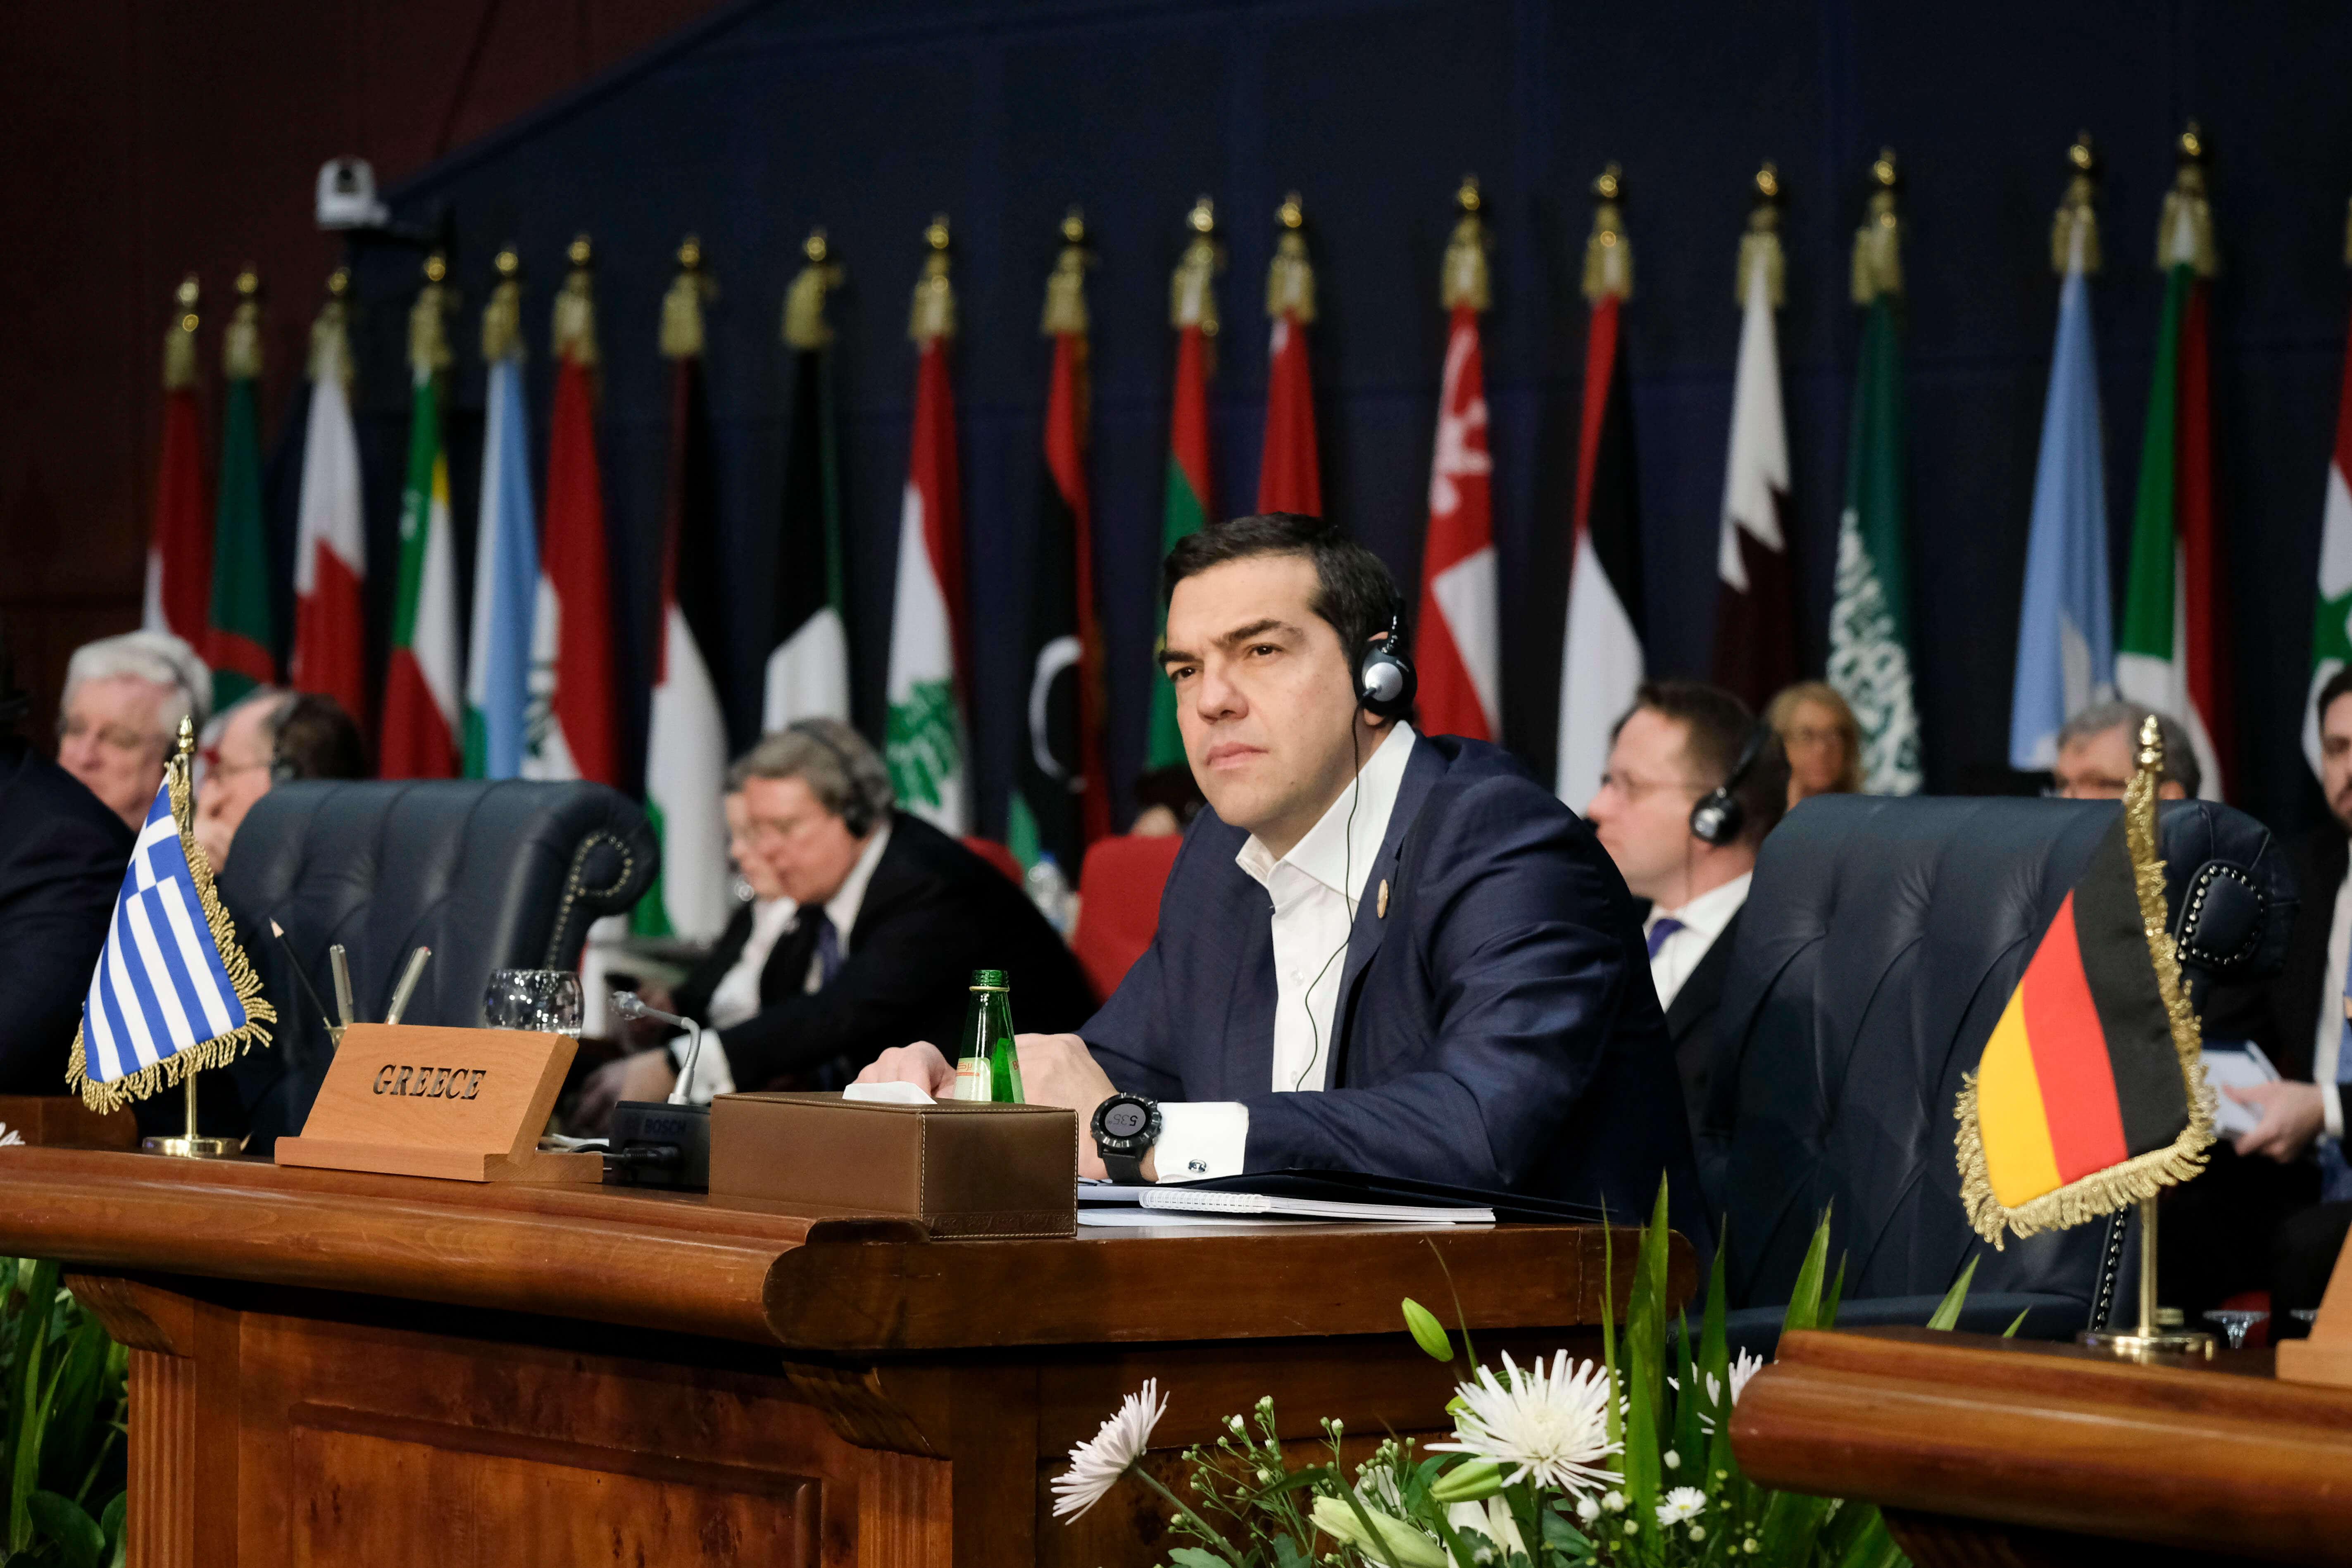 Τσίπρας: Σημαντικός ο ρόλος της Ελλάδας στον διάλογο Ε.Ε – Αραβικού συνδέσμου [pics]